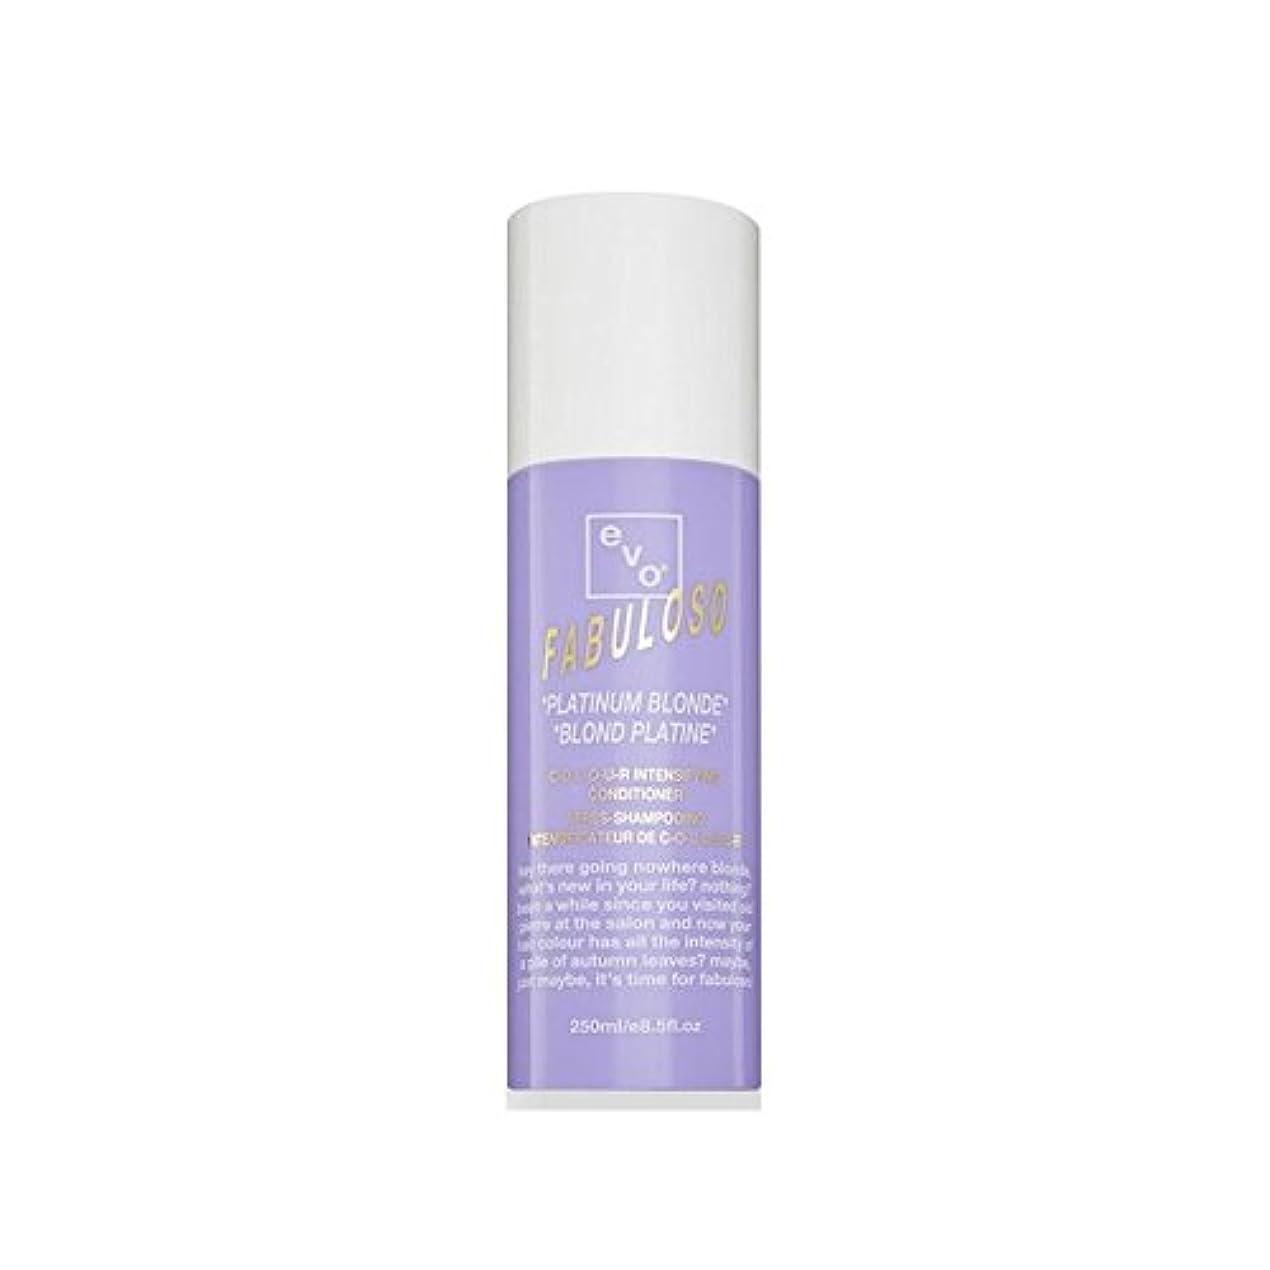 ロデオ特別に眠いです色増コンディショナープラチナブロンド(250ミリリットル) x2 - Evo Fabuloso Colour Intensifying Conditioner Platinum Blonde (250ml) (Pack...